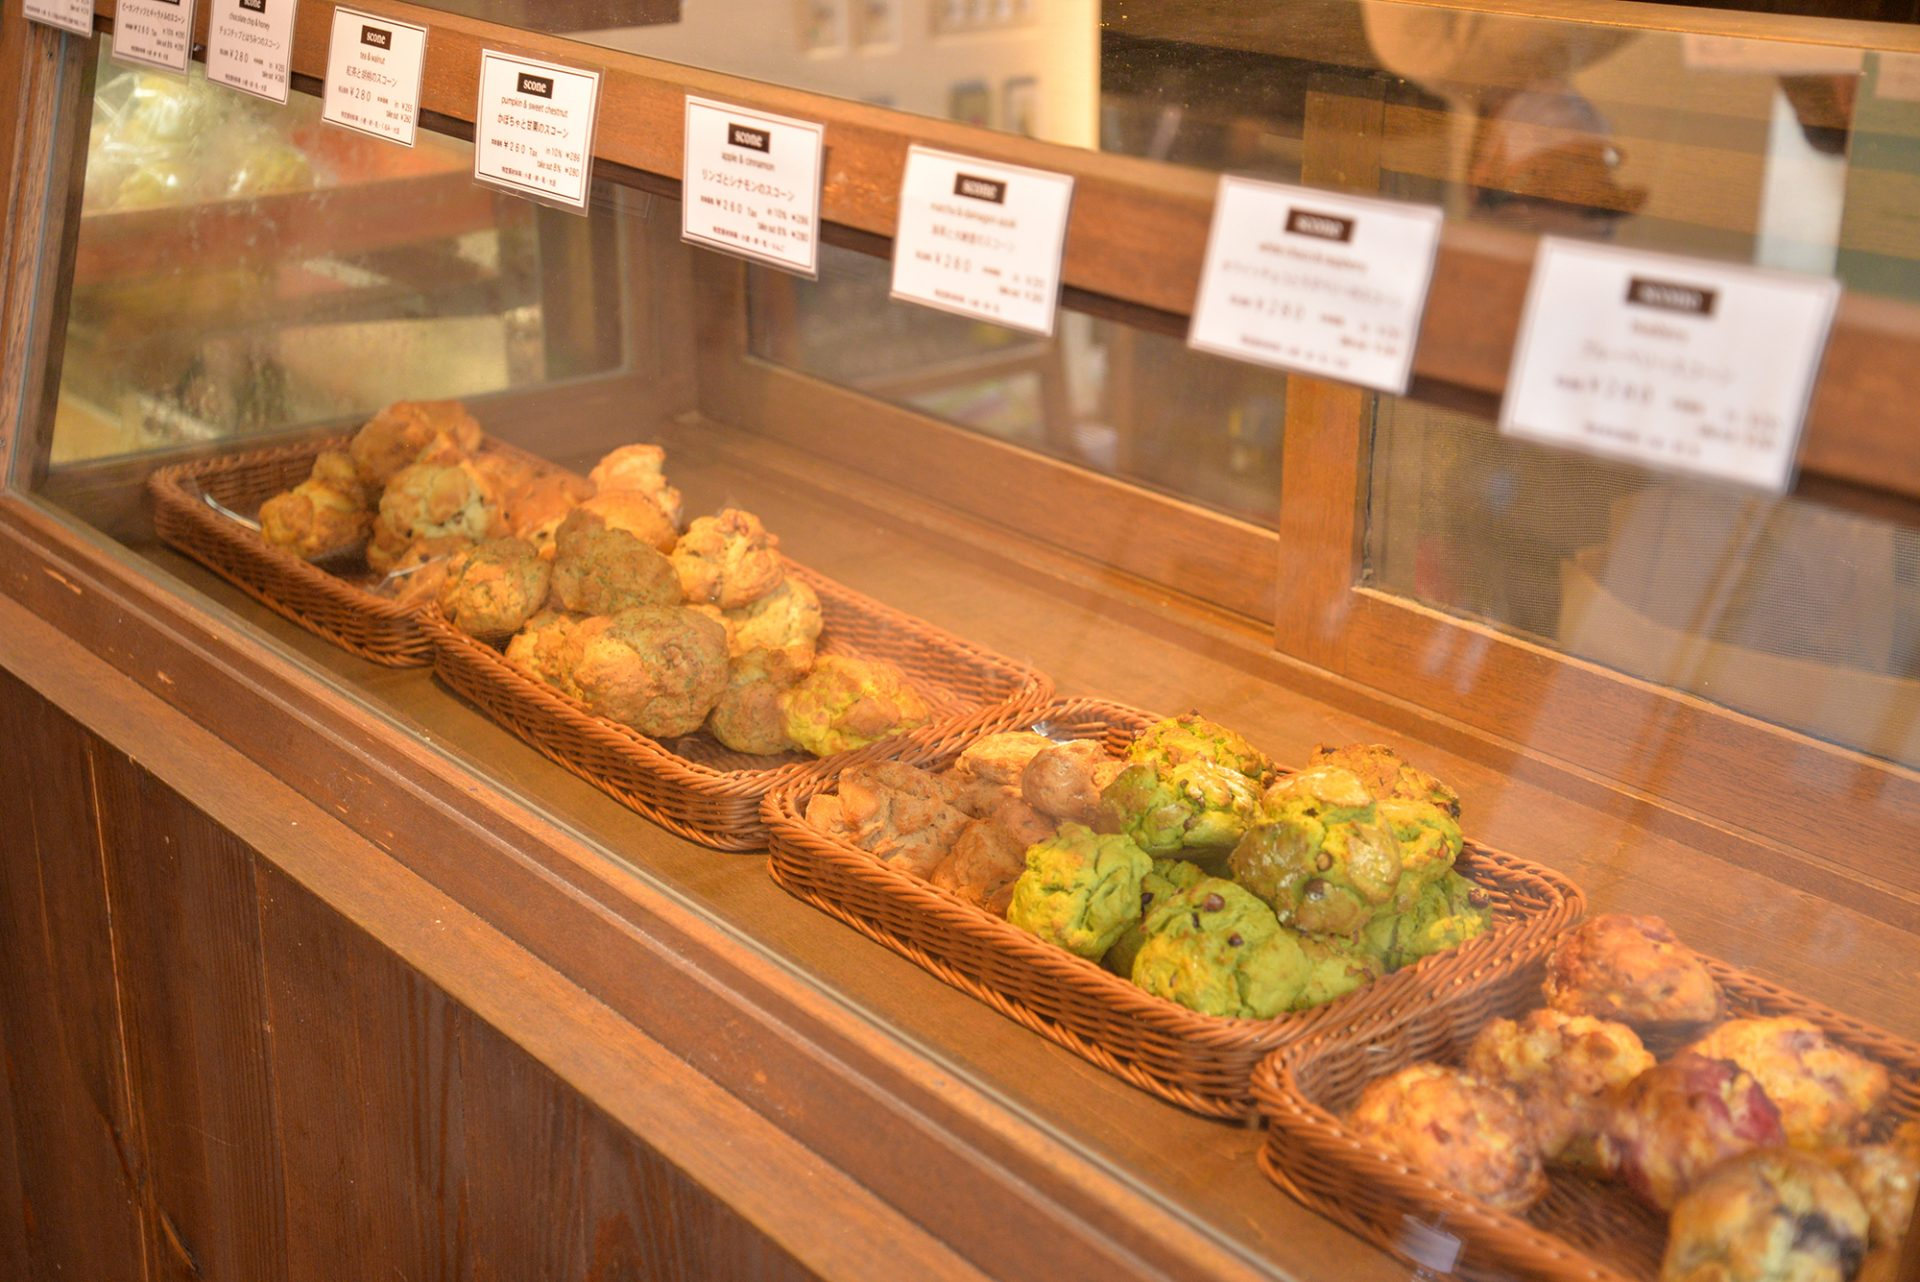 入り口のショーケースには、手作りのスコーンやチーズケーキ、食パンなどがズラリと並んでいます。